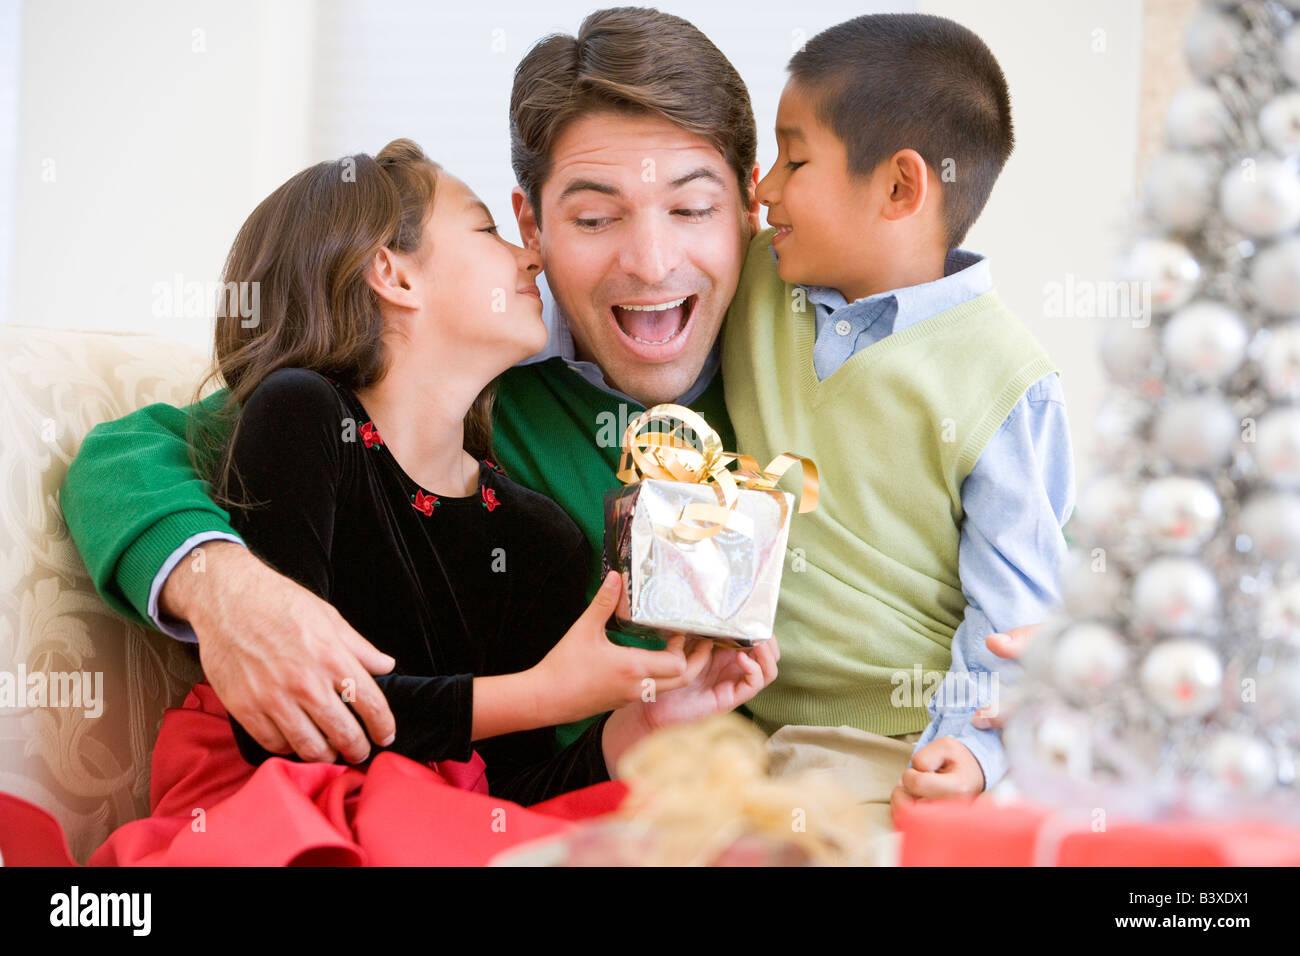 Père Étant donné un cadeau de Noël par sa fille et fils Banque D'Images